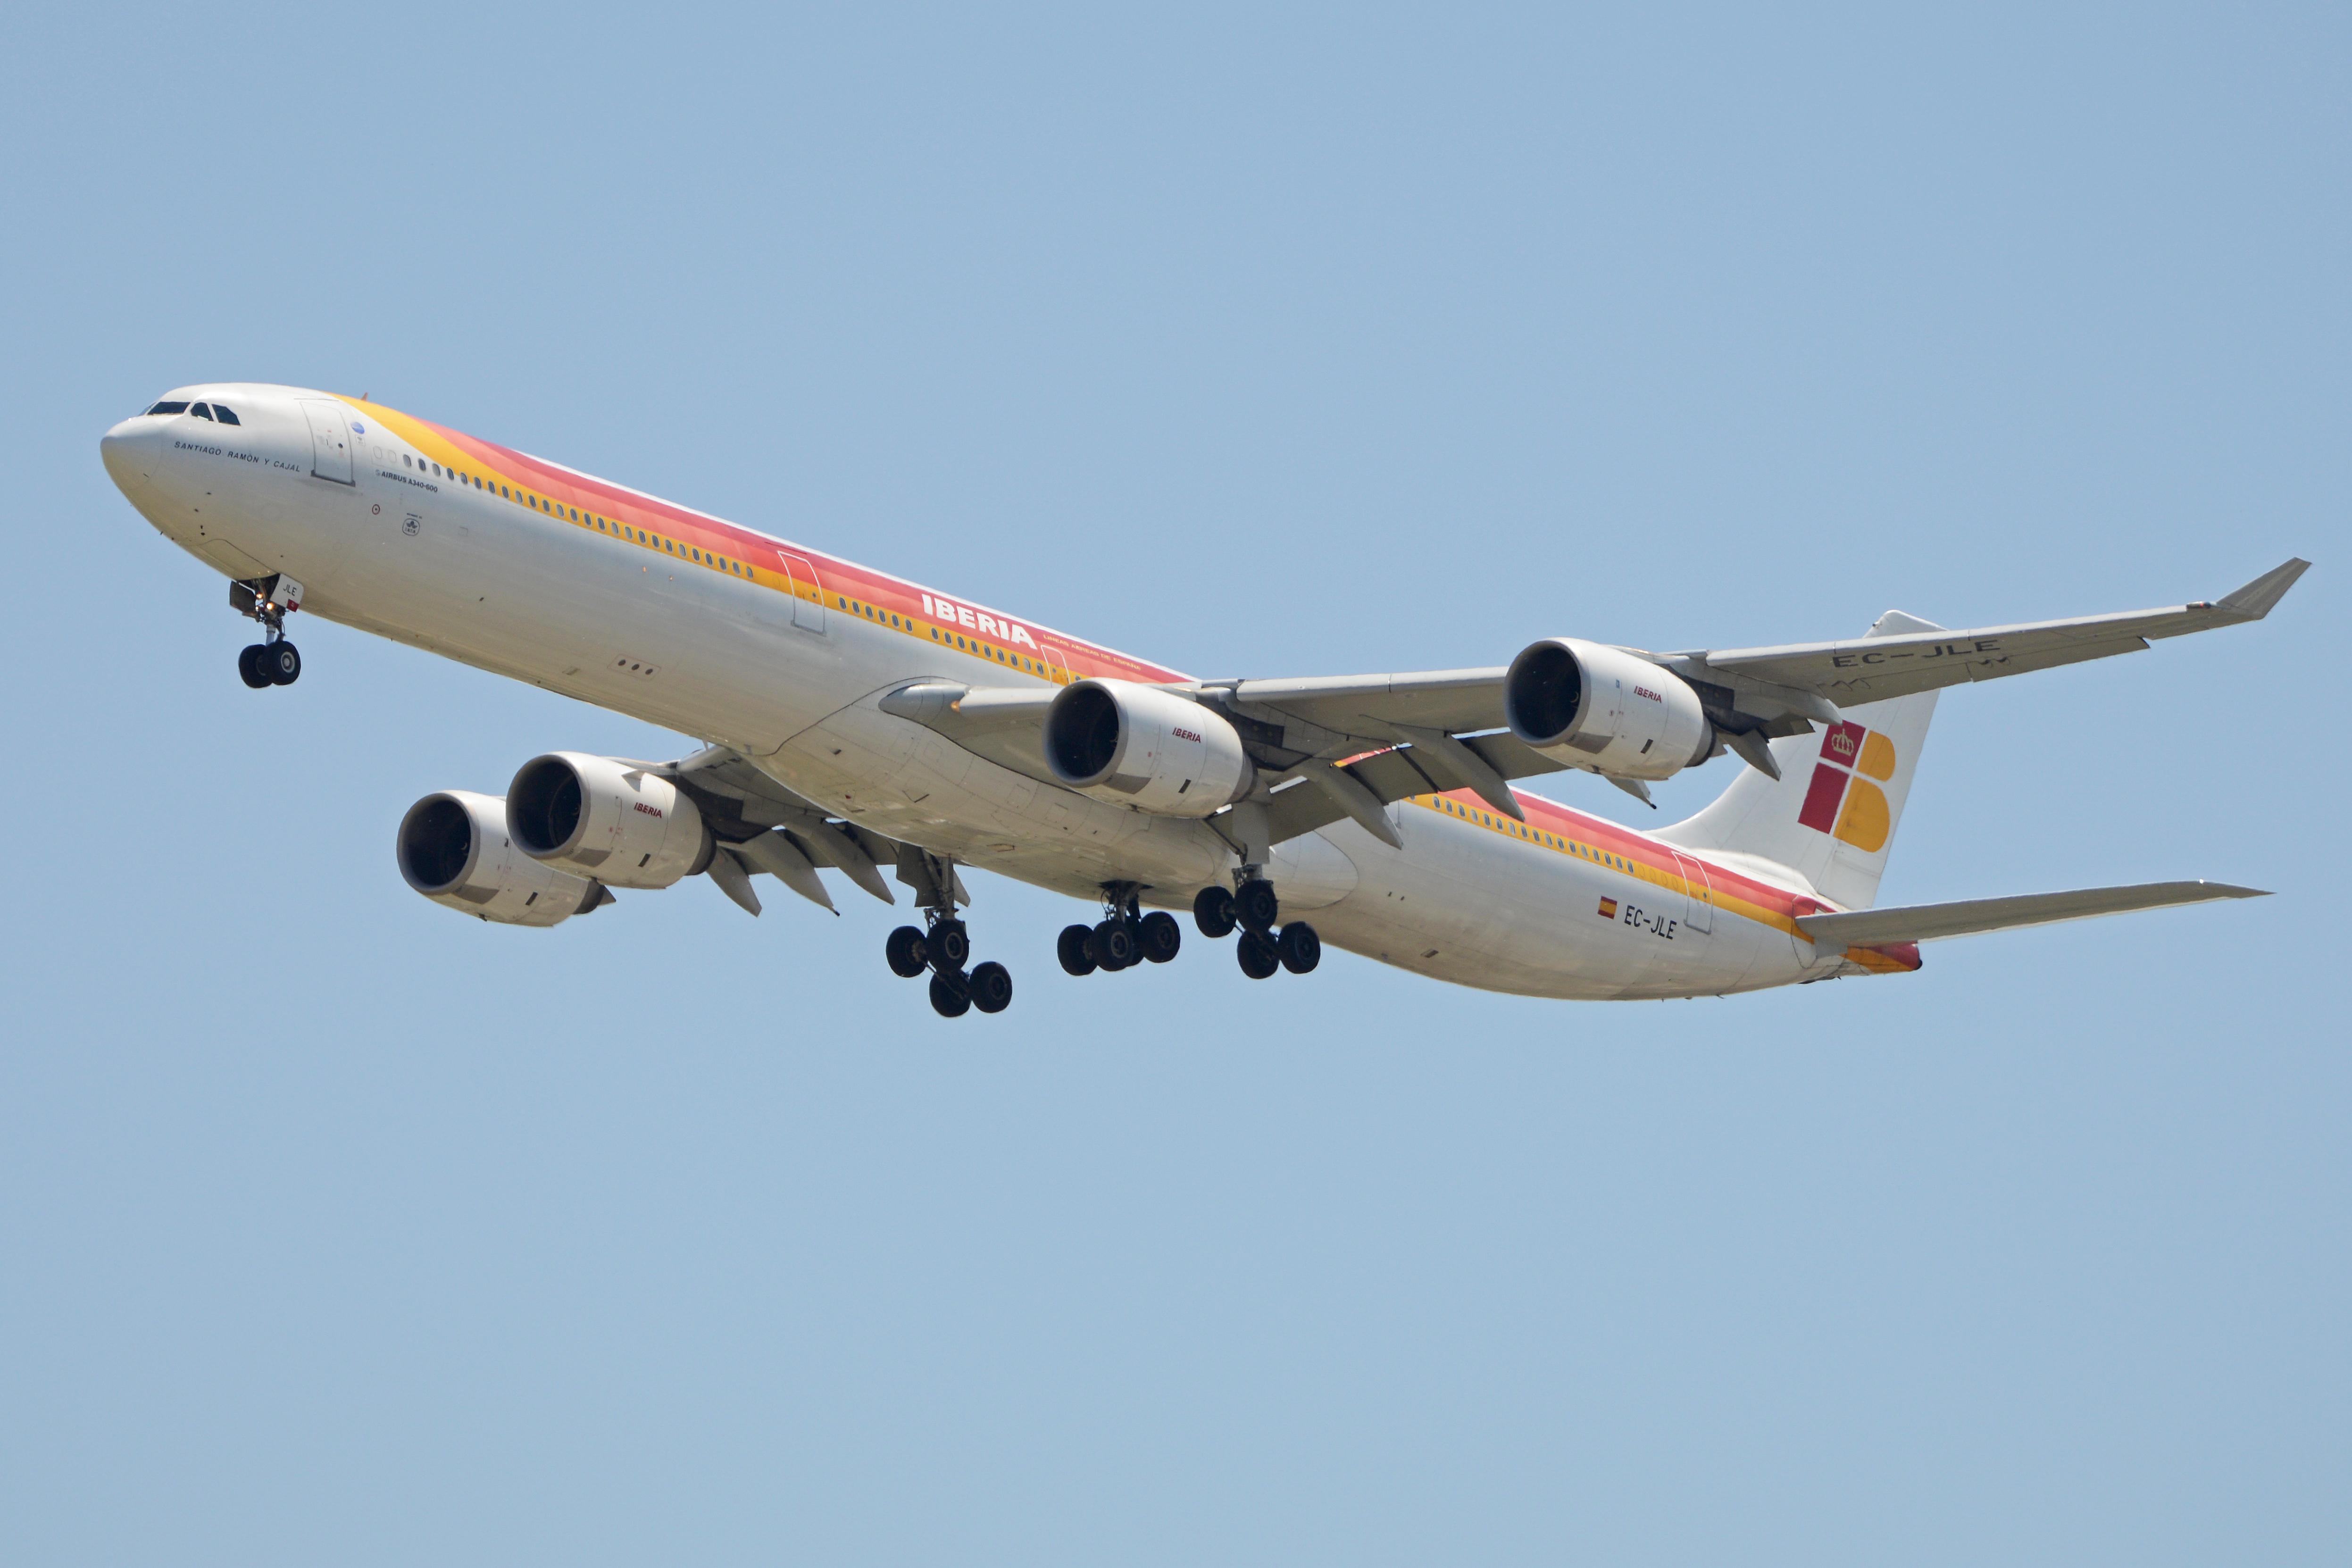 En Airbus A340-600 fra det spanske flyselskab Iberia. Foto: Alan Wilson